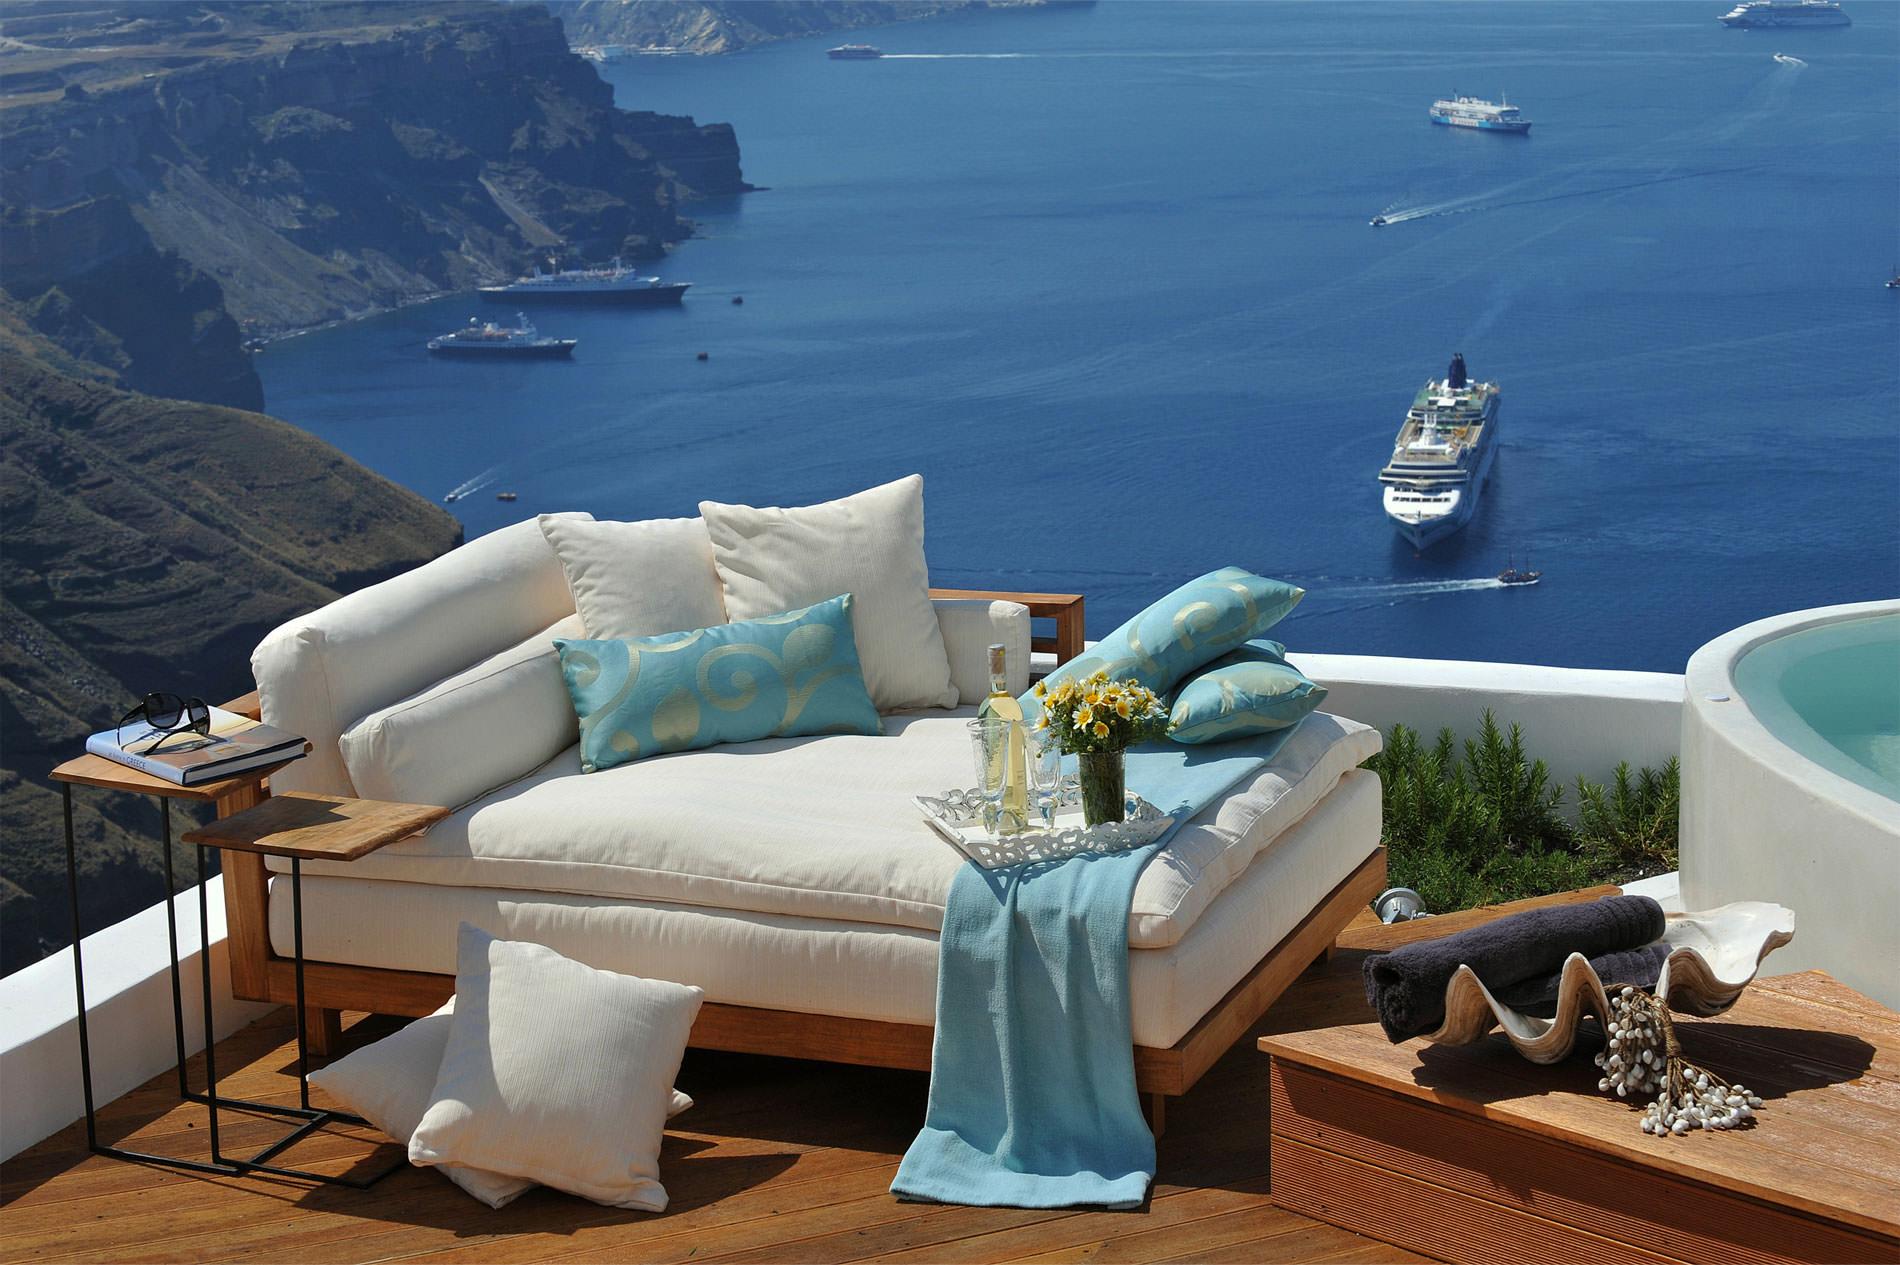 Уютные террасы с прекрасным видом - легкий декор.